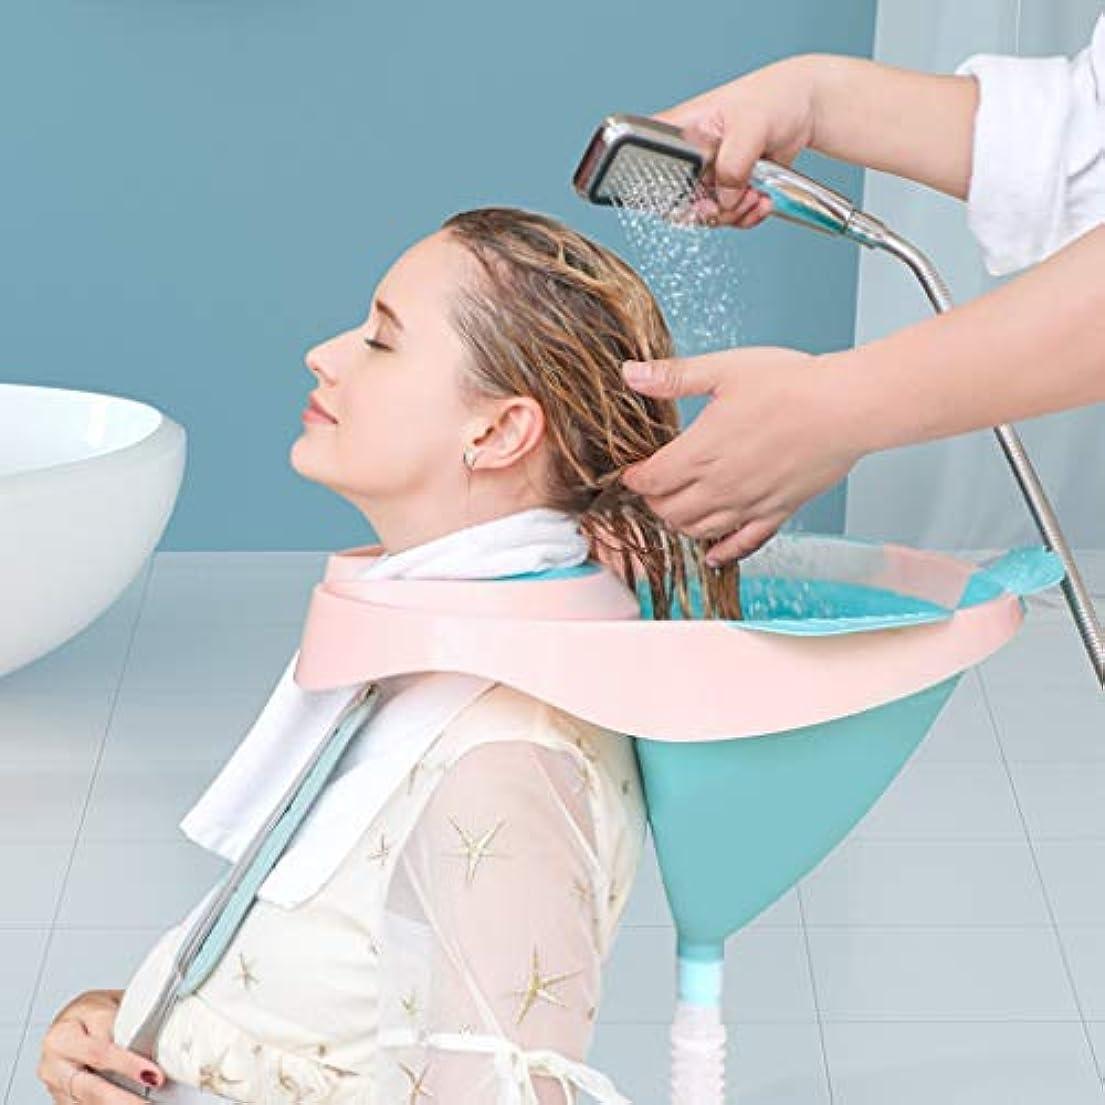 高齢者運ぶサイレンシャンプー盆地-障害者妊娠女性高齢者子供用の安静な髪洗浄コンディショナートレイ